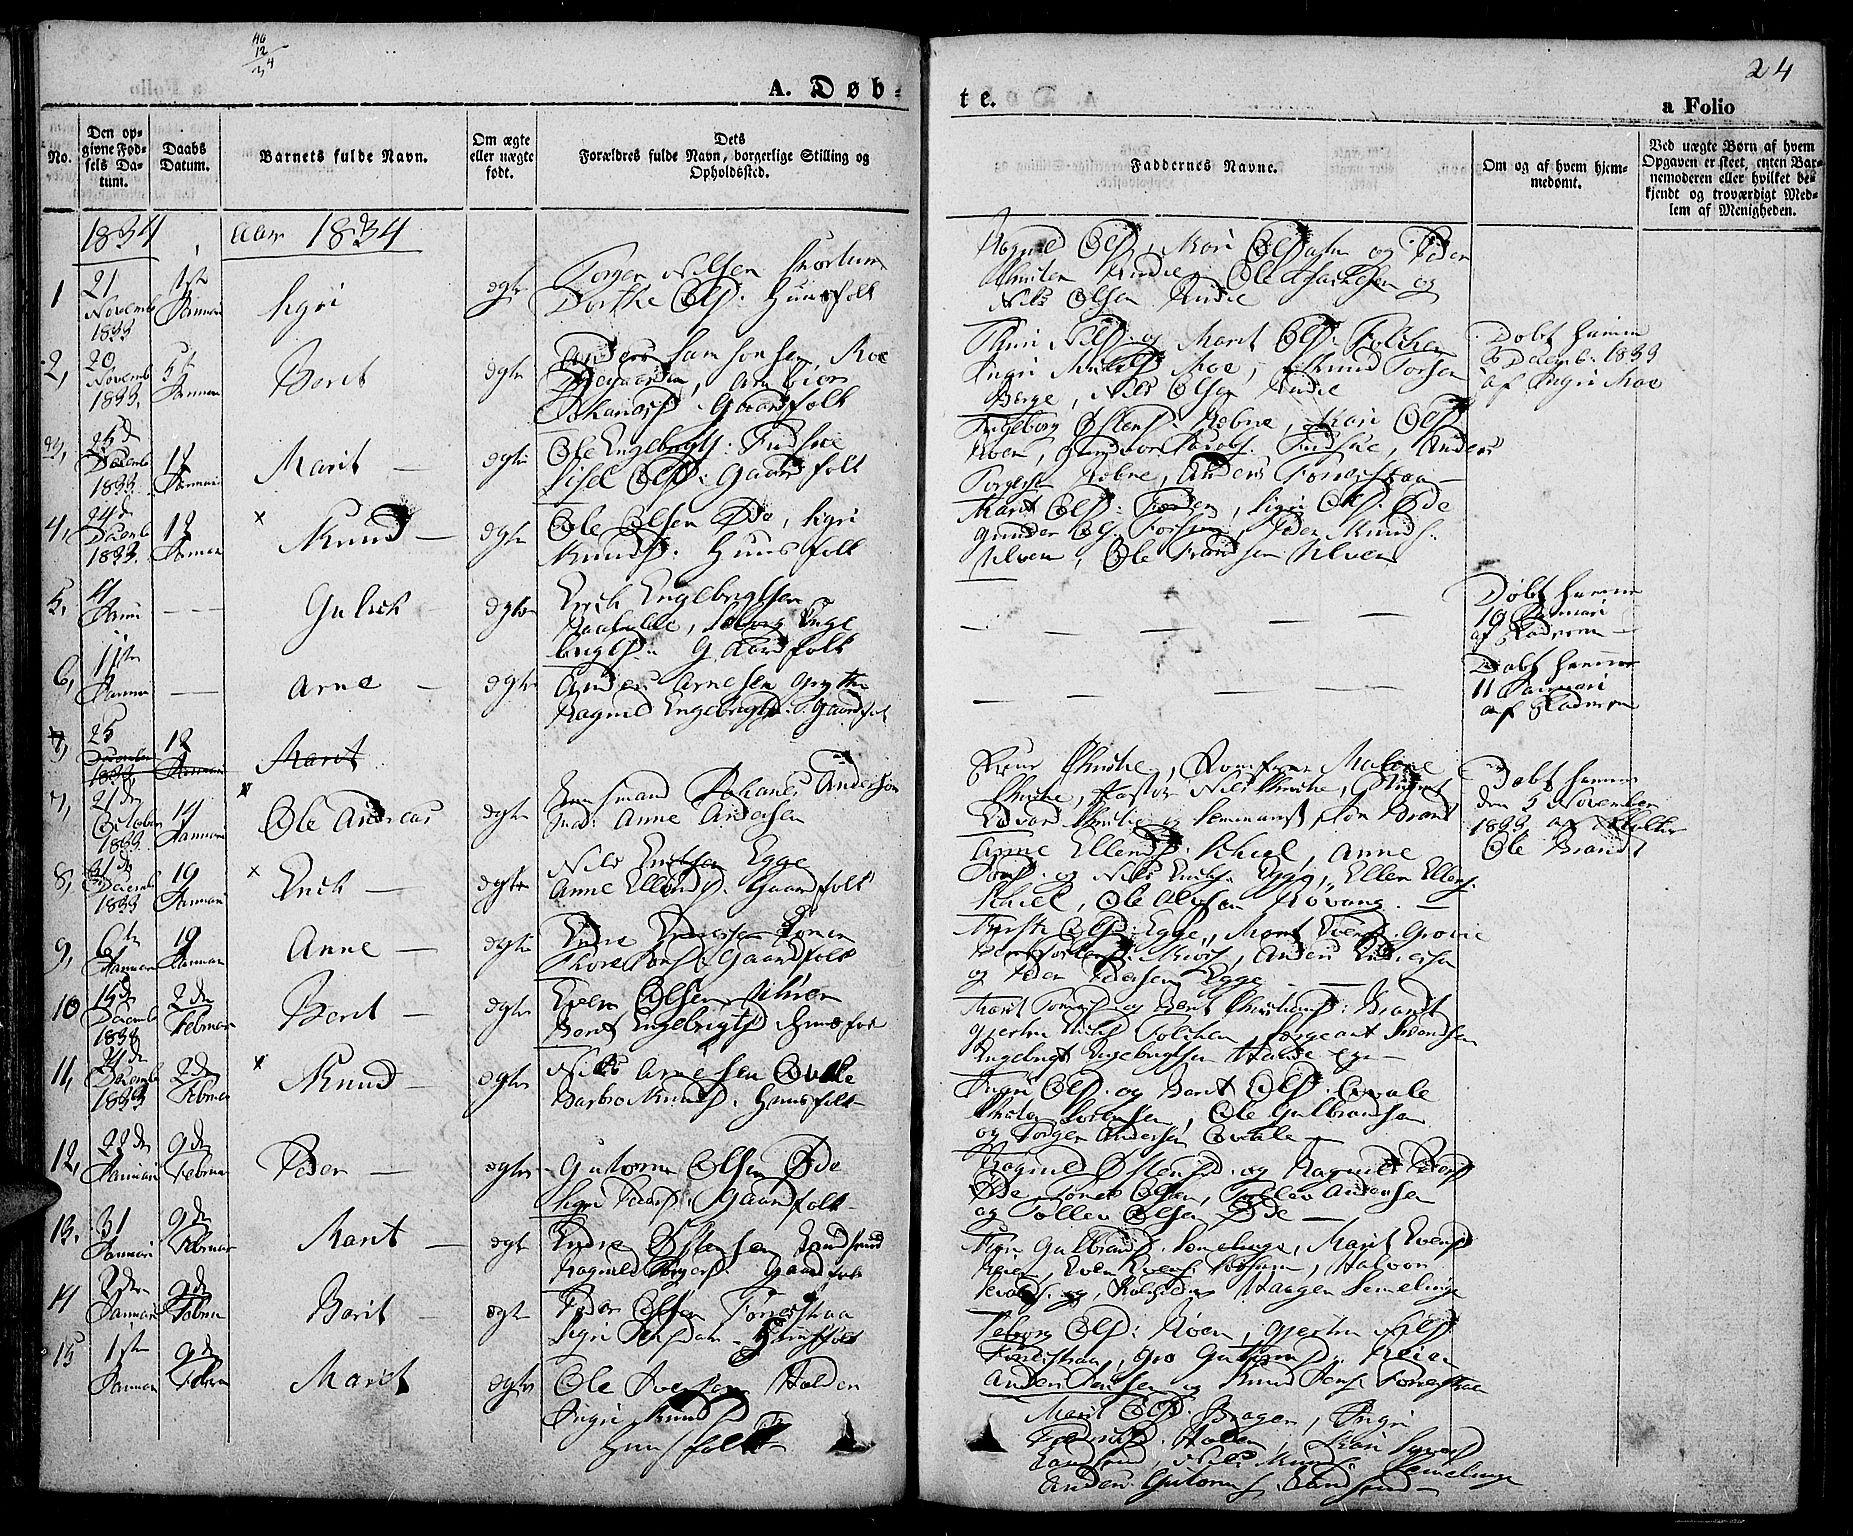 SAH, Slidre prestekontor, Ministerialbok nr. 3, 1831-1843, s. 24